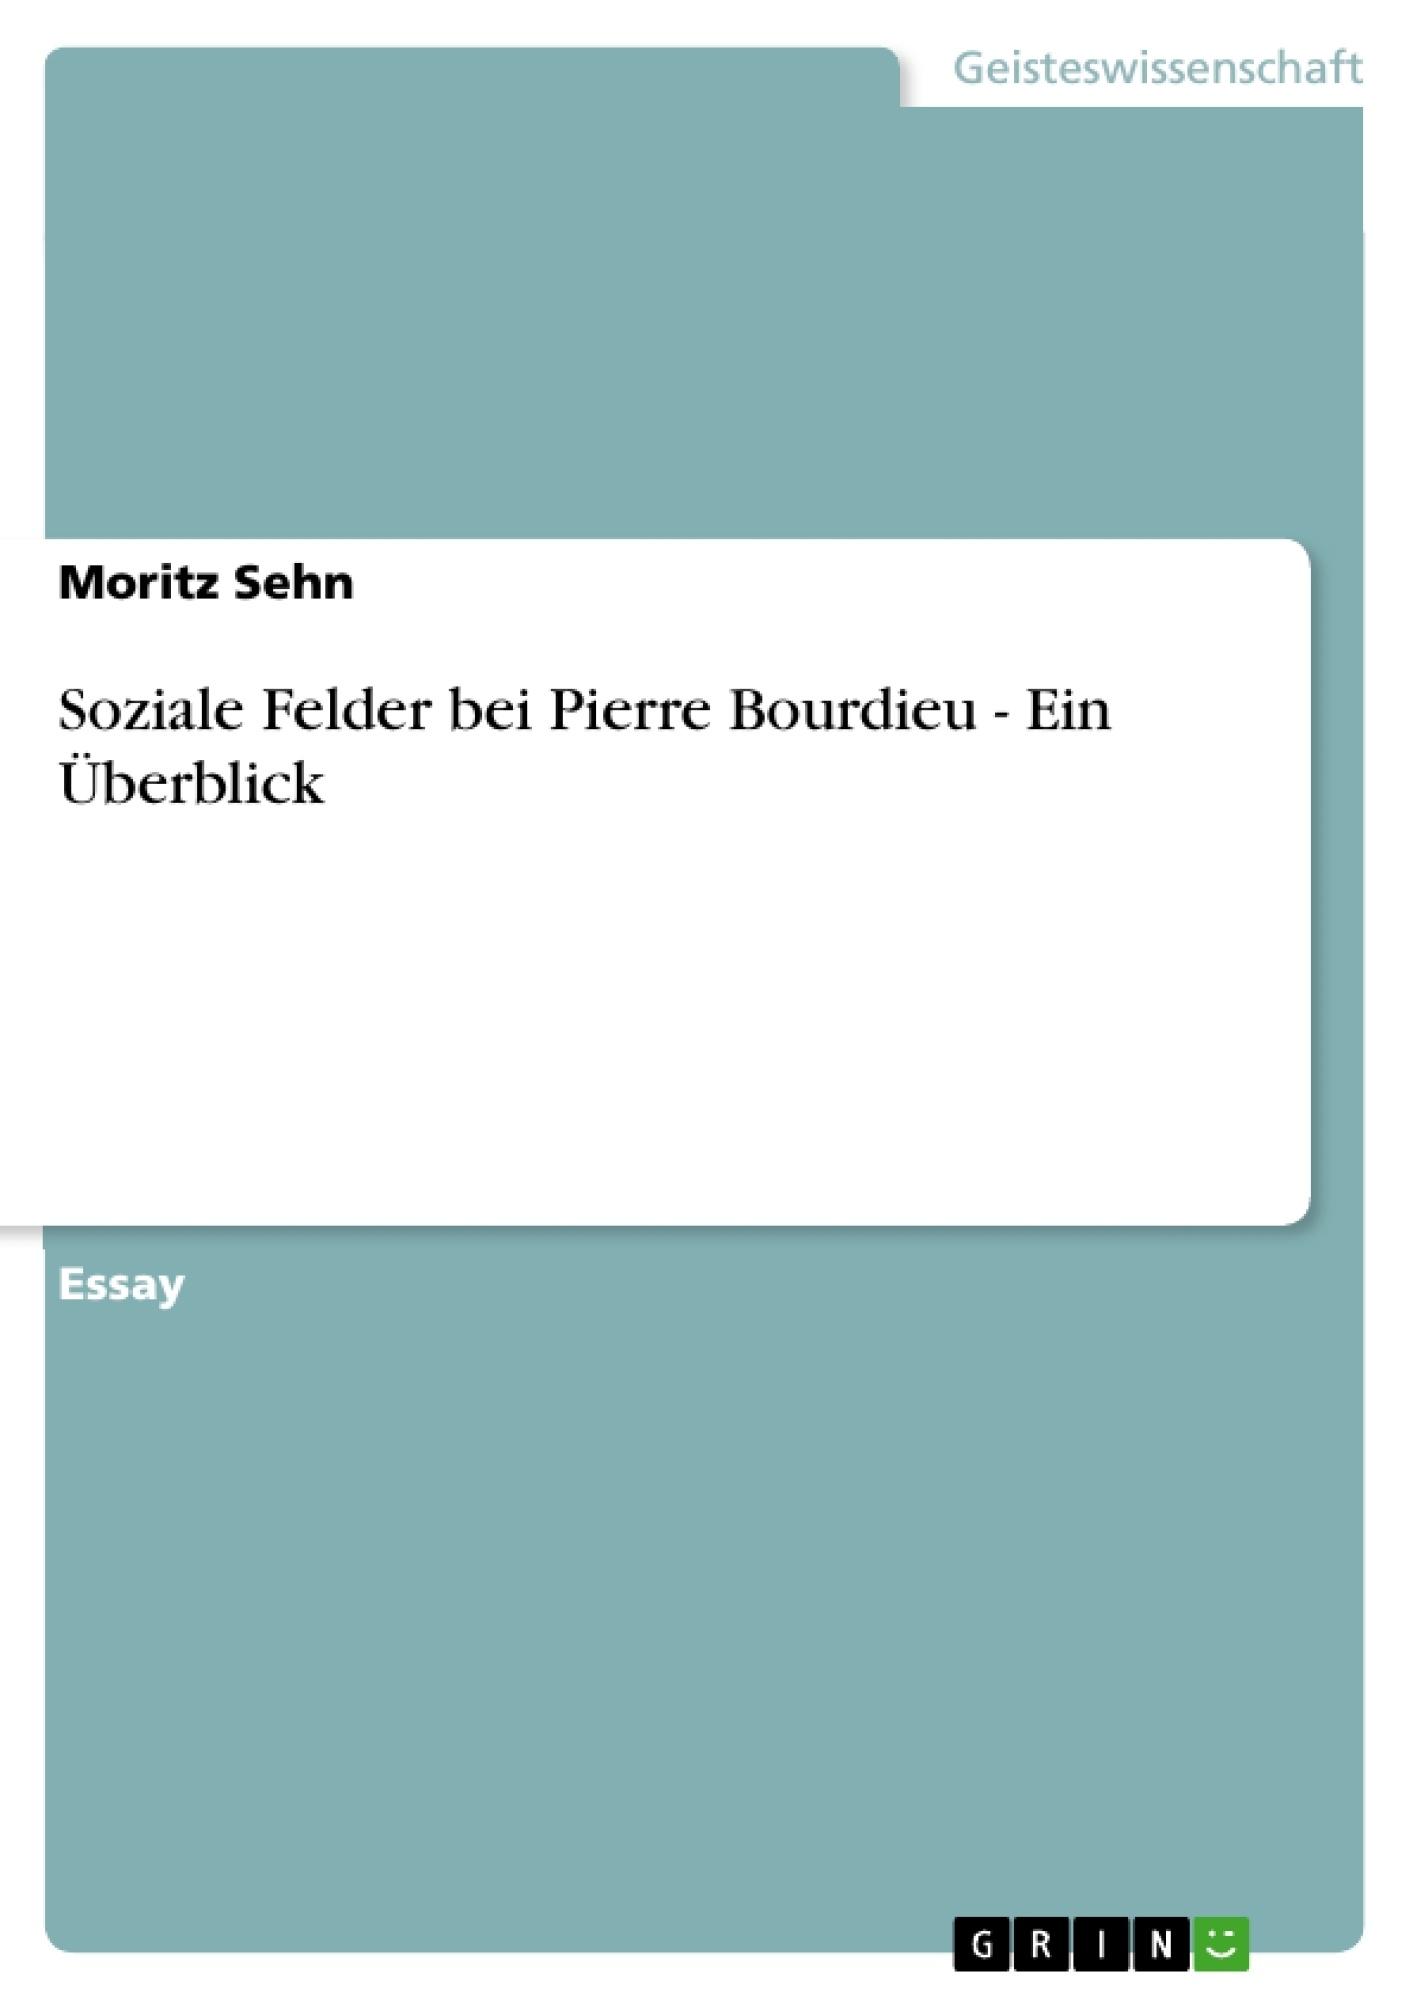 Titel: Soziale Felder bei Pierre Bourdieu - Ein Überblick